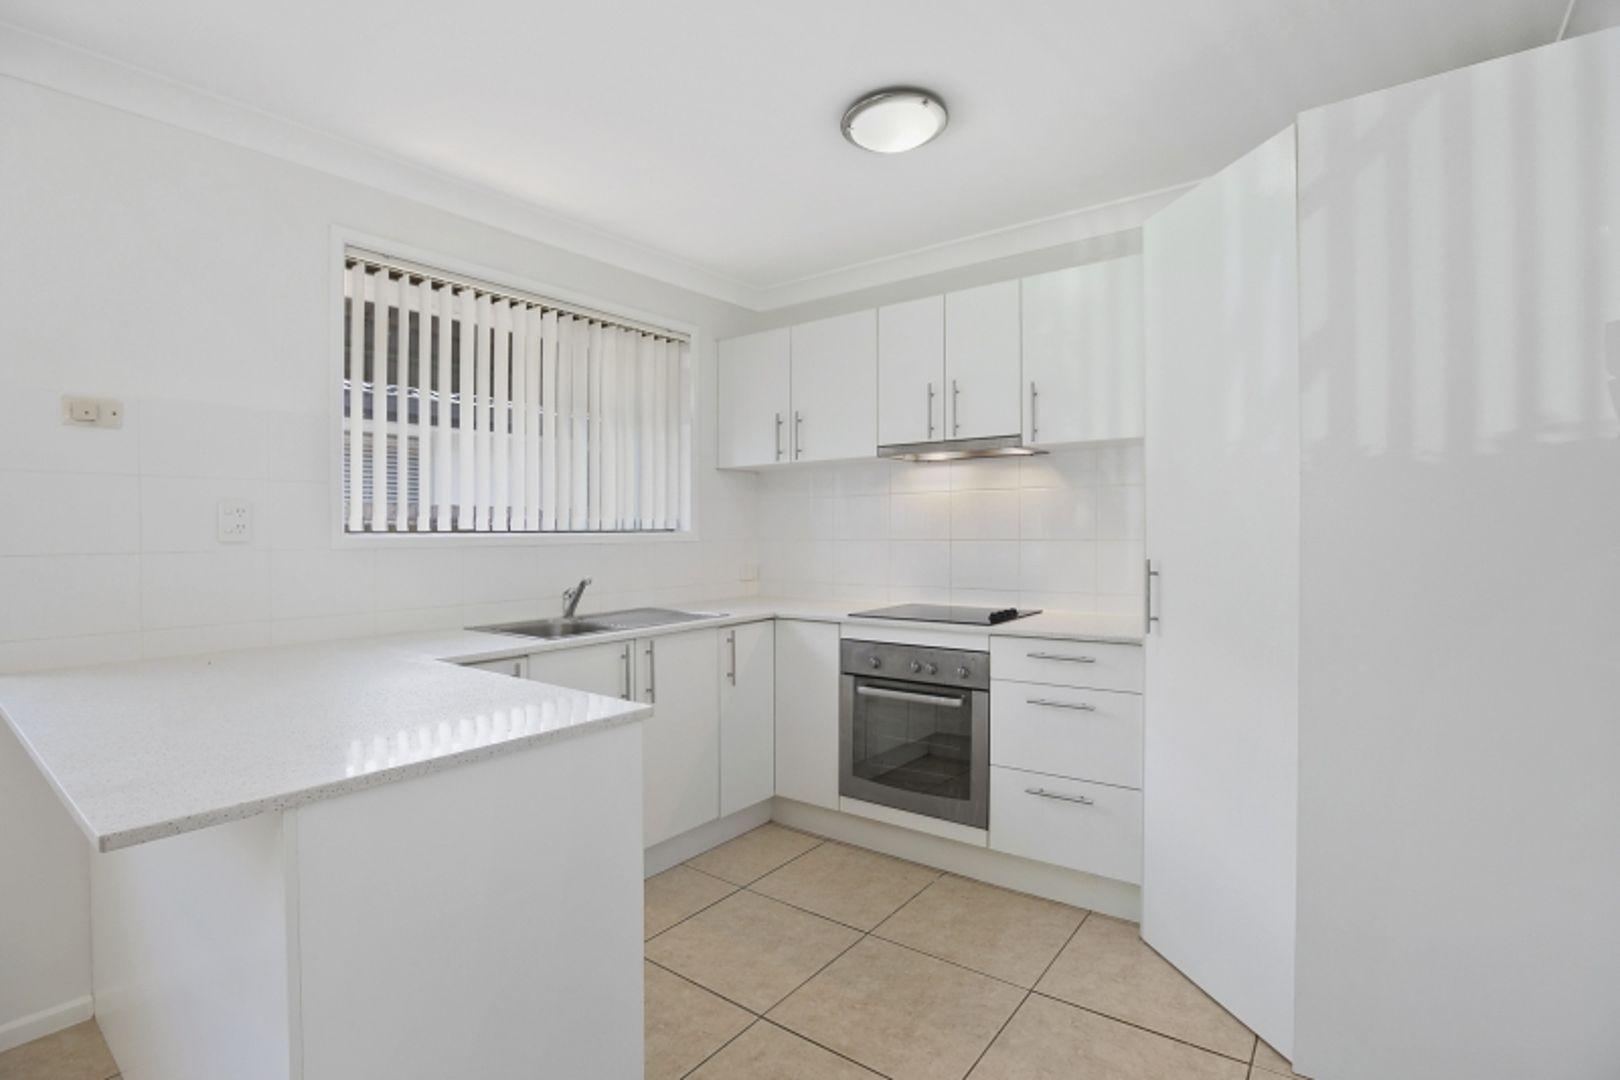 58 Nalkari Street, Coombabah QLD 4216, Image 1